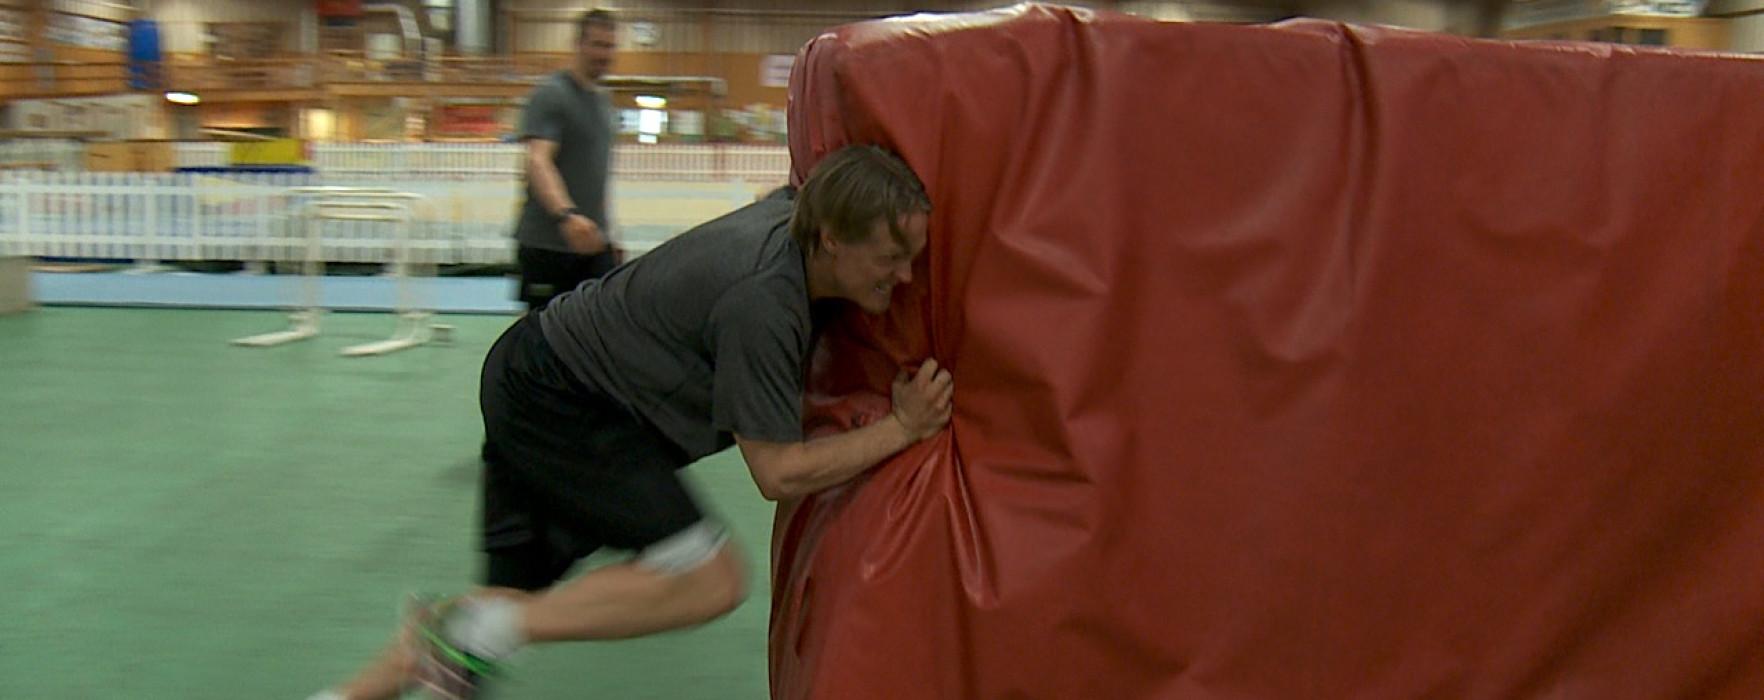 Glimt Sport – Färjestads sommarträning